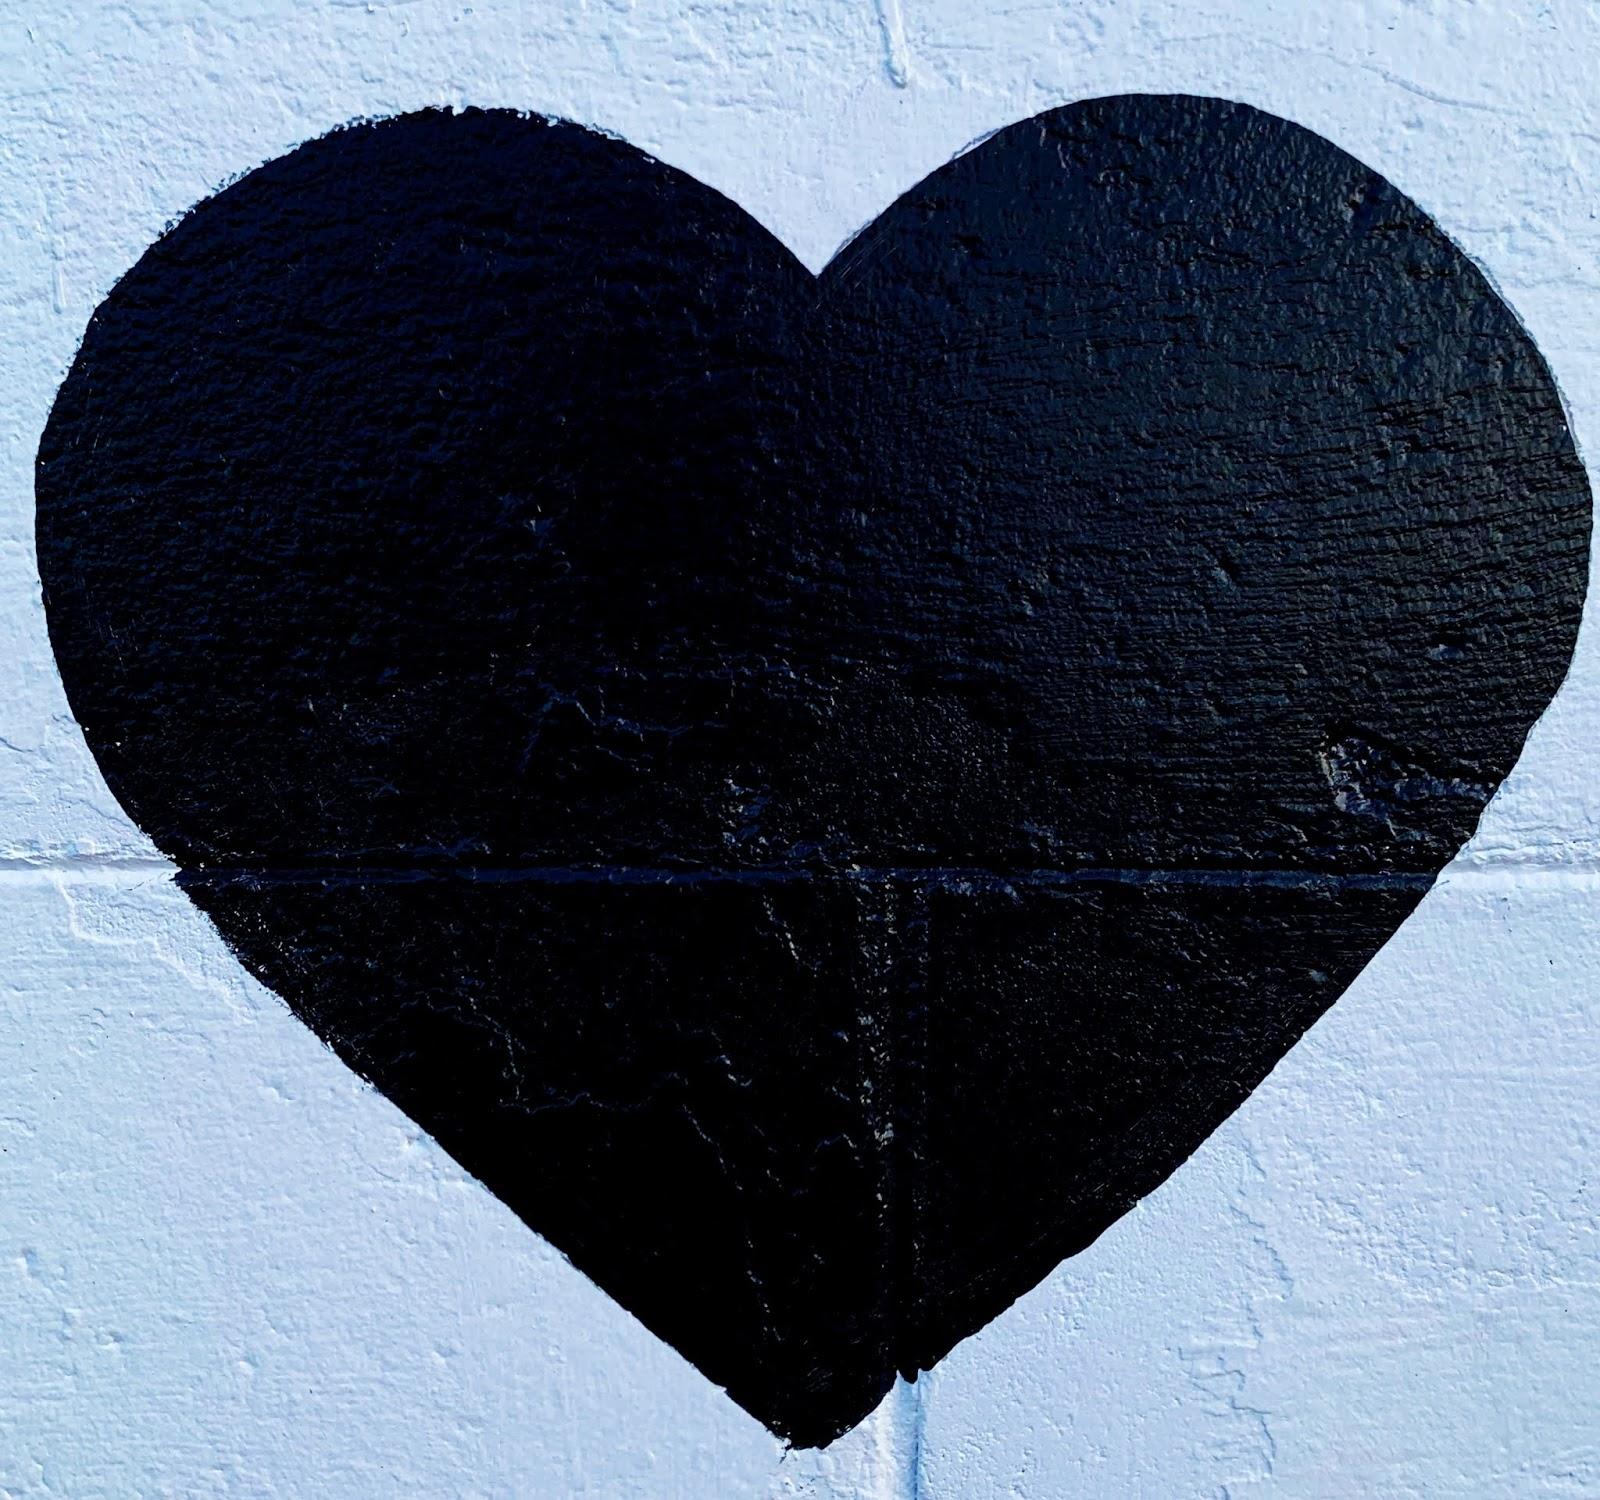 Black Heart & Love DP 2019